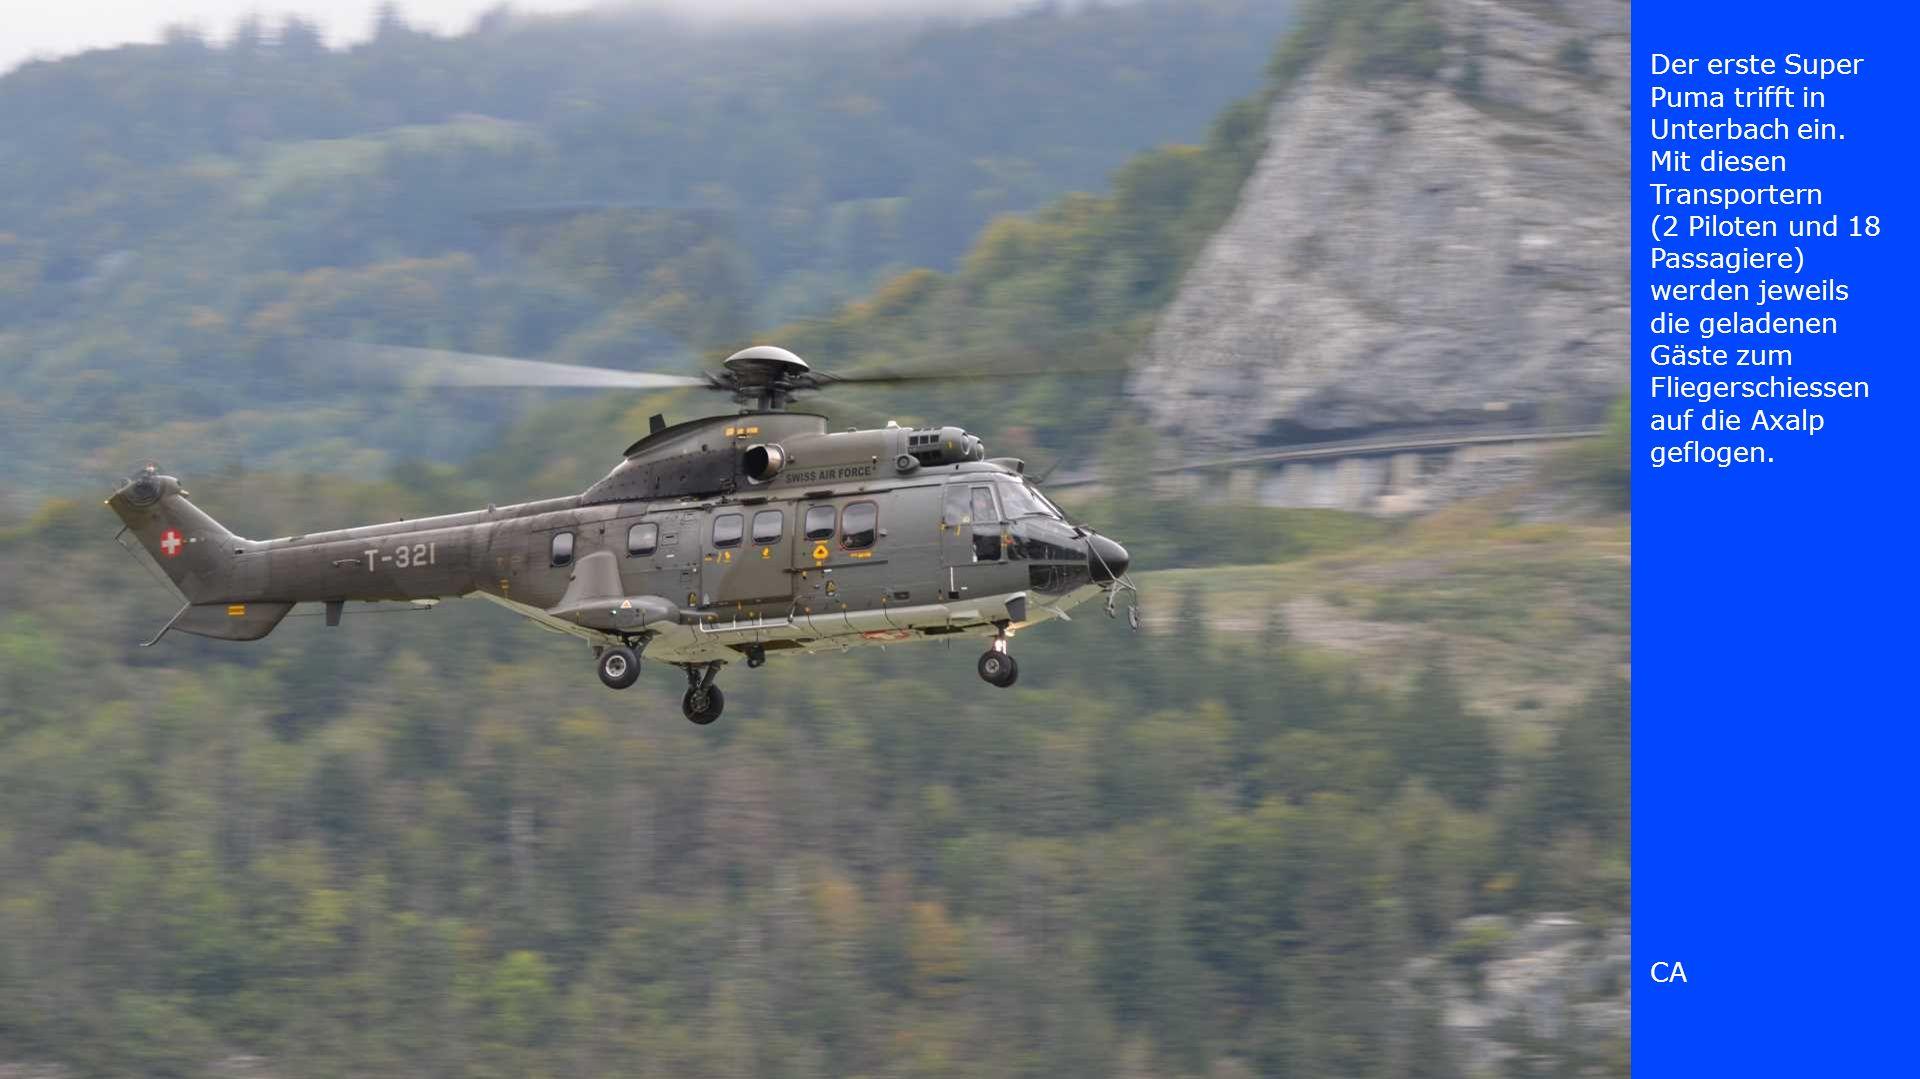 Der erste Super Puma trifft in Unterbach ein. Mit diesen Transportern (2 Piloten und 18 Passagiere) werden jeweils die geladenen Gäste zum Fliegerschi